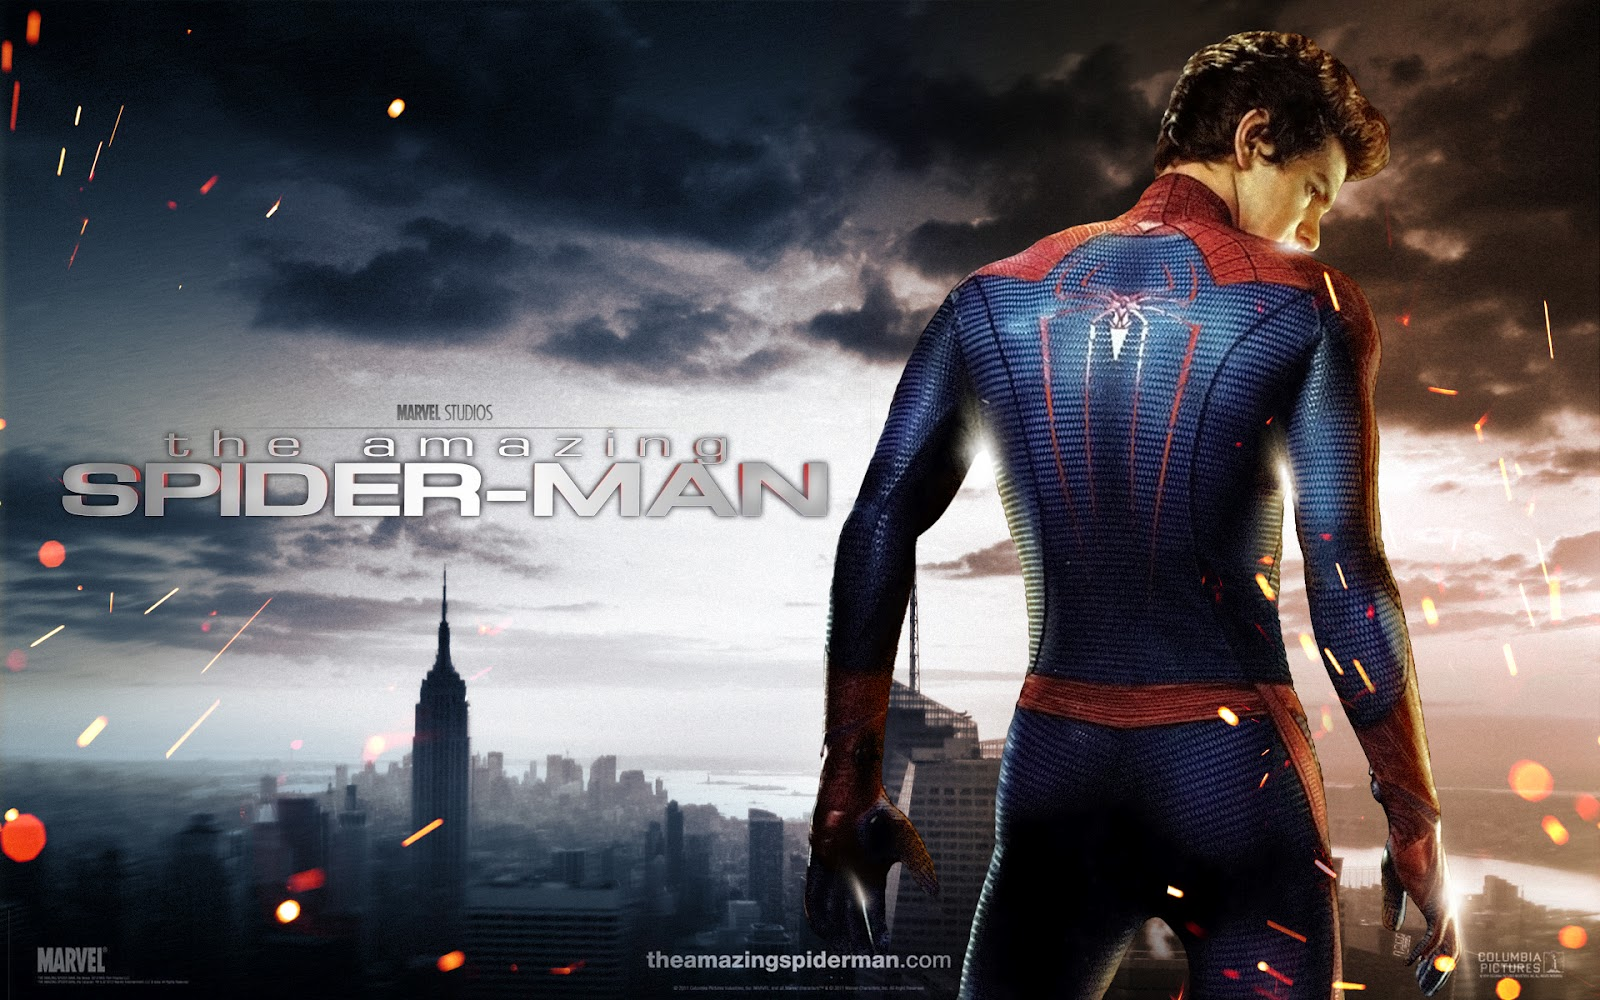 http://2.bp.blogspot.com/-EPw8AuyAgug/T_mI-2bXimI/AAAAAAAAikk/pTzWjkS9Ltg/s1600/the_amazing_spider_man_2012-wide.jpg